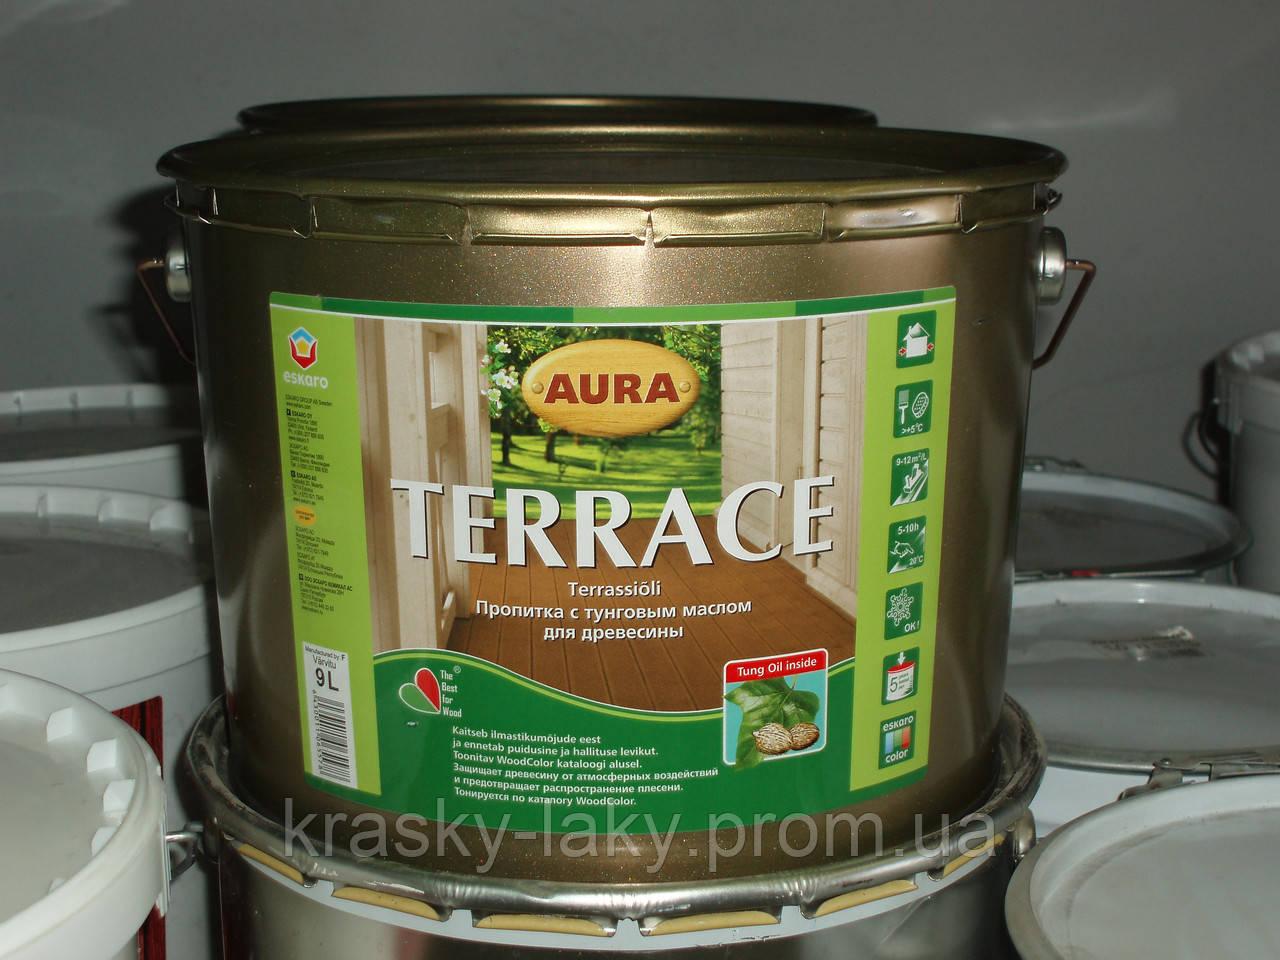 Олія для терас Aura Terrace, 9л